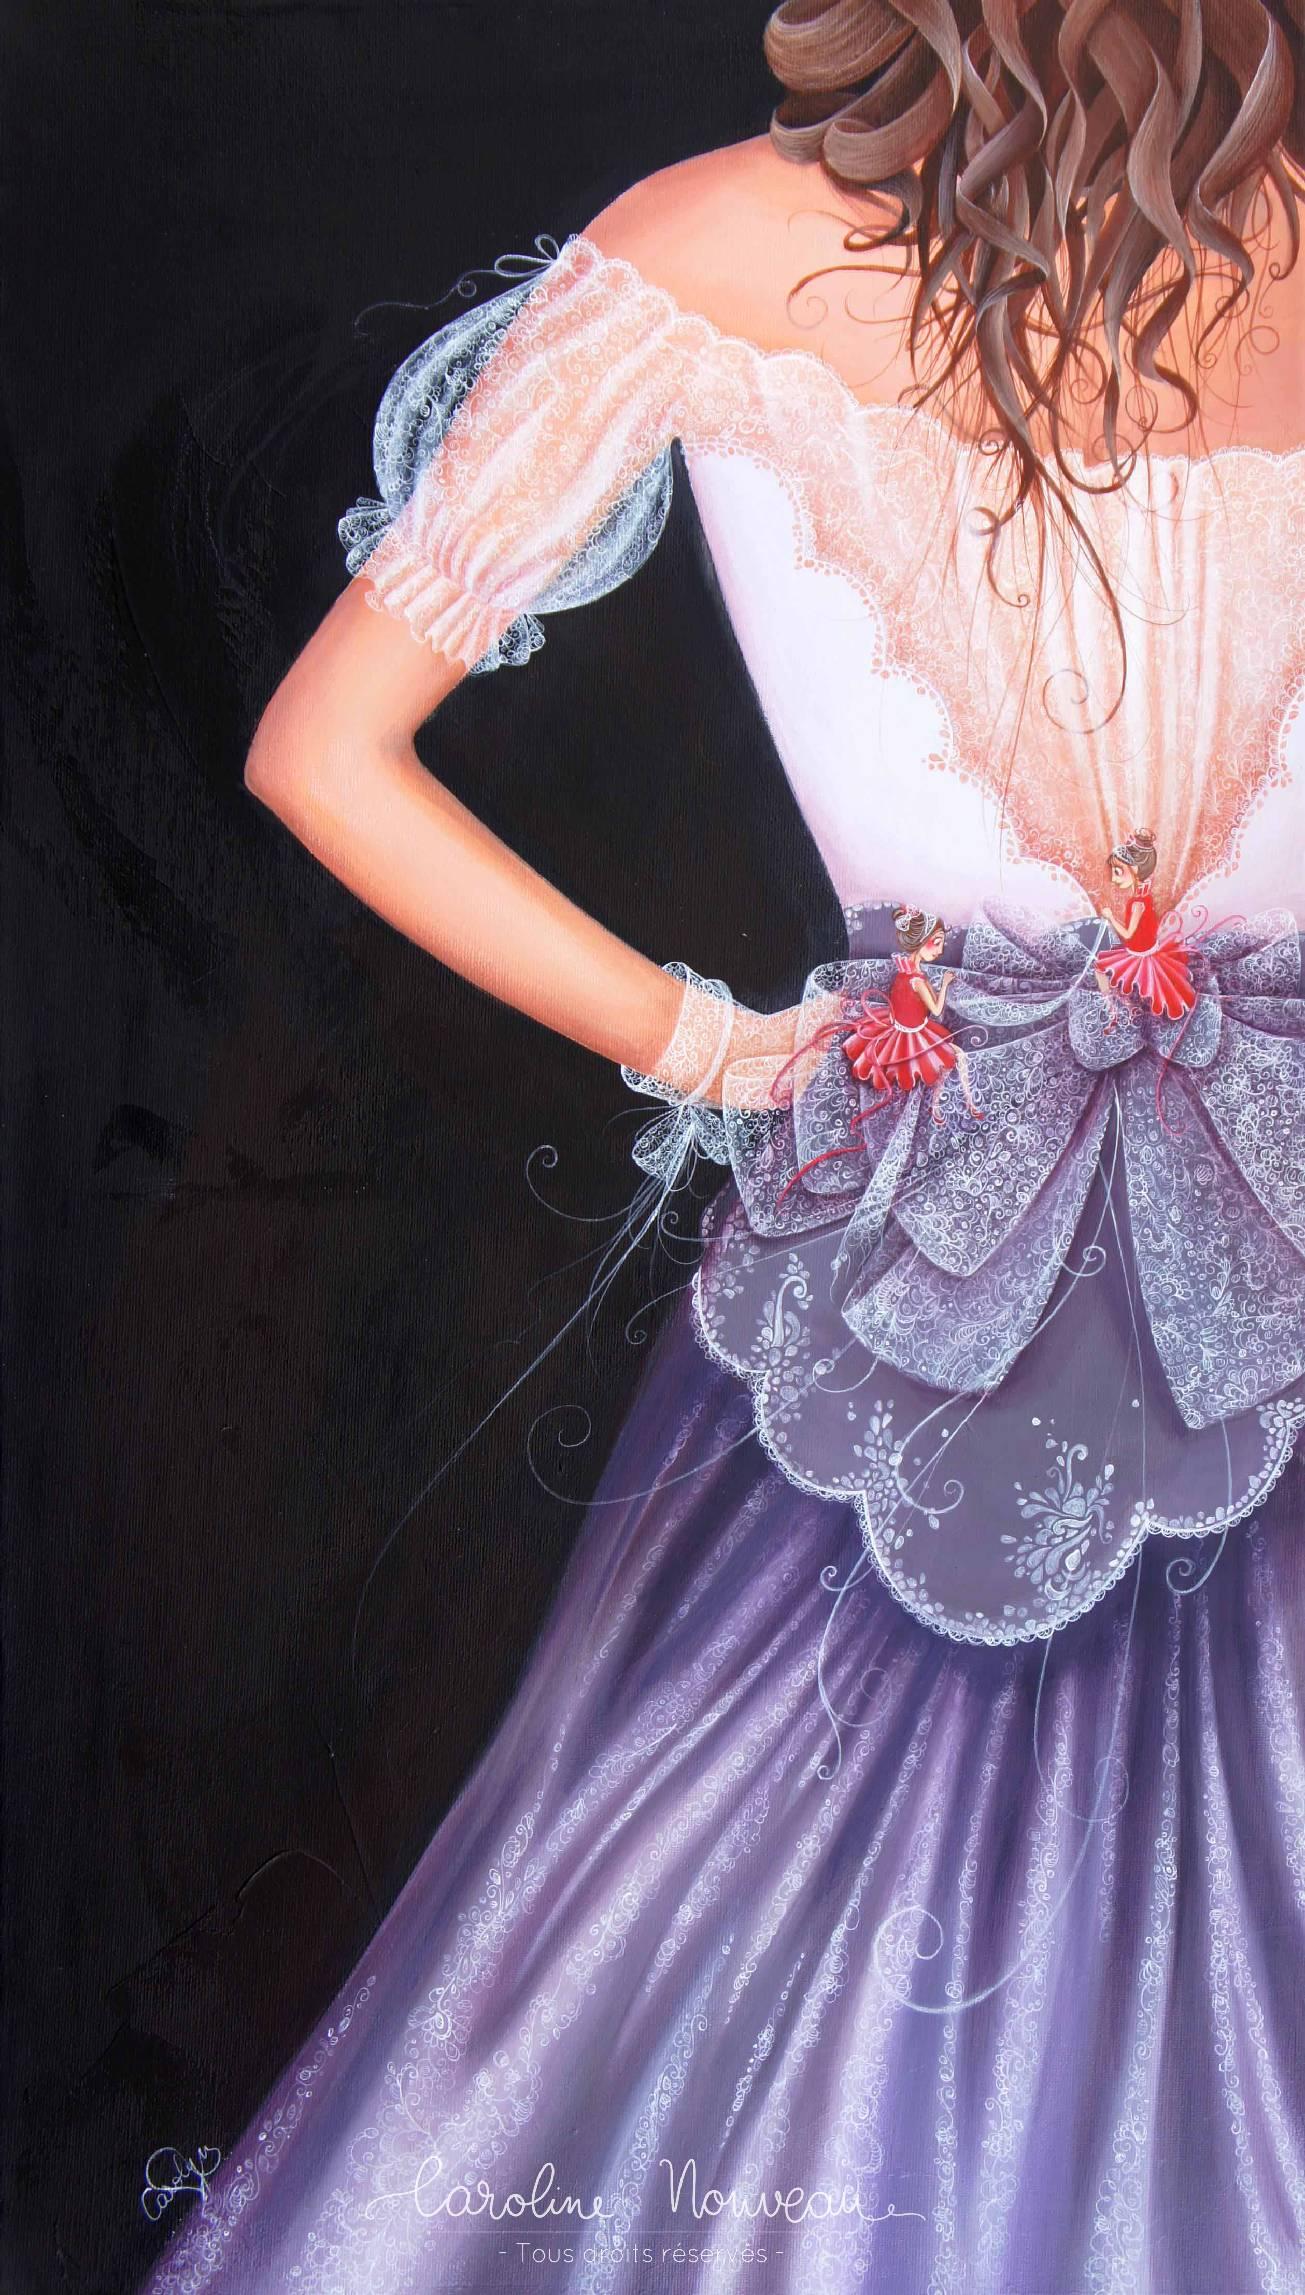 """""""De mains de fées"""" - Acrylique sur toile - 40*70cm - 2012/2013 - Non disponible"""